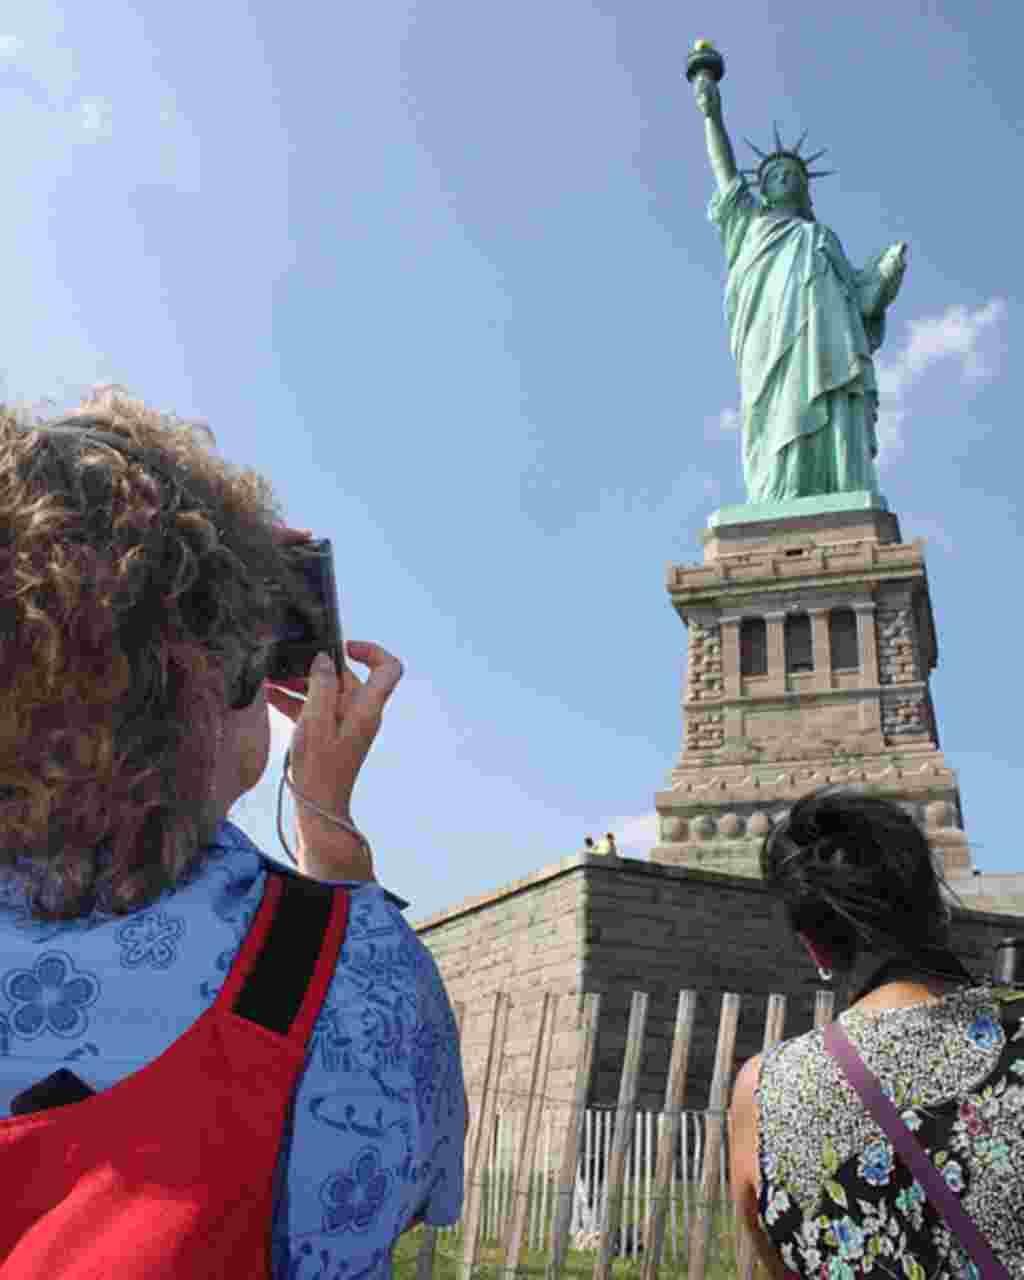 La Estatua de la Libertad fue un regalo de los franceses a los estadounidenses en 1886 para conmemorar el centenario de la Declaración de Independencia. Puede contemplarla desde los ferrys de Staten Island o Governors Island.